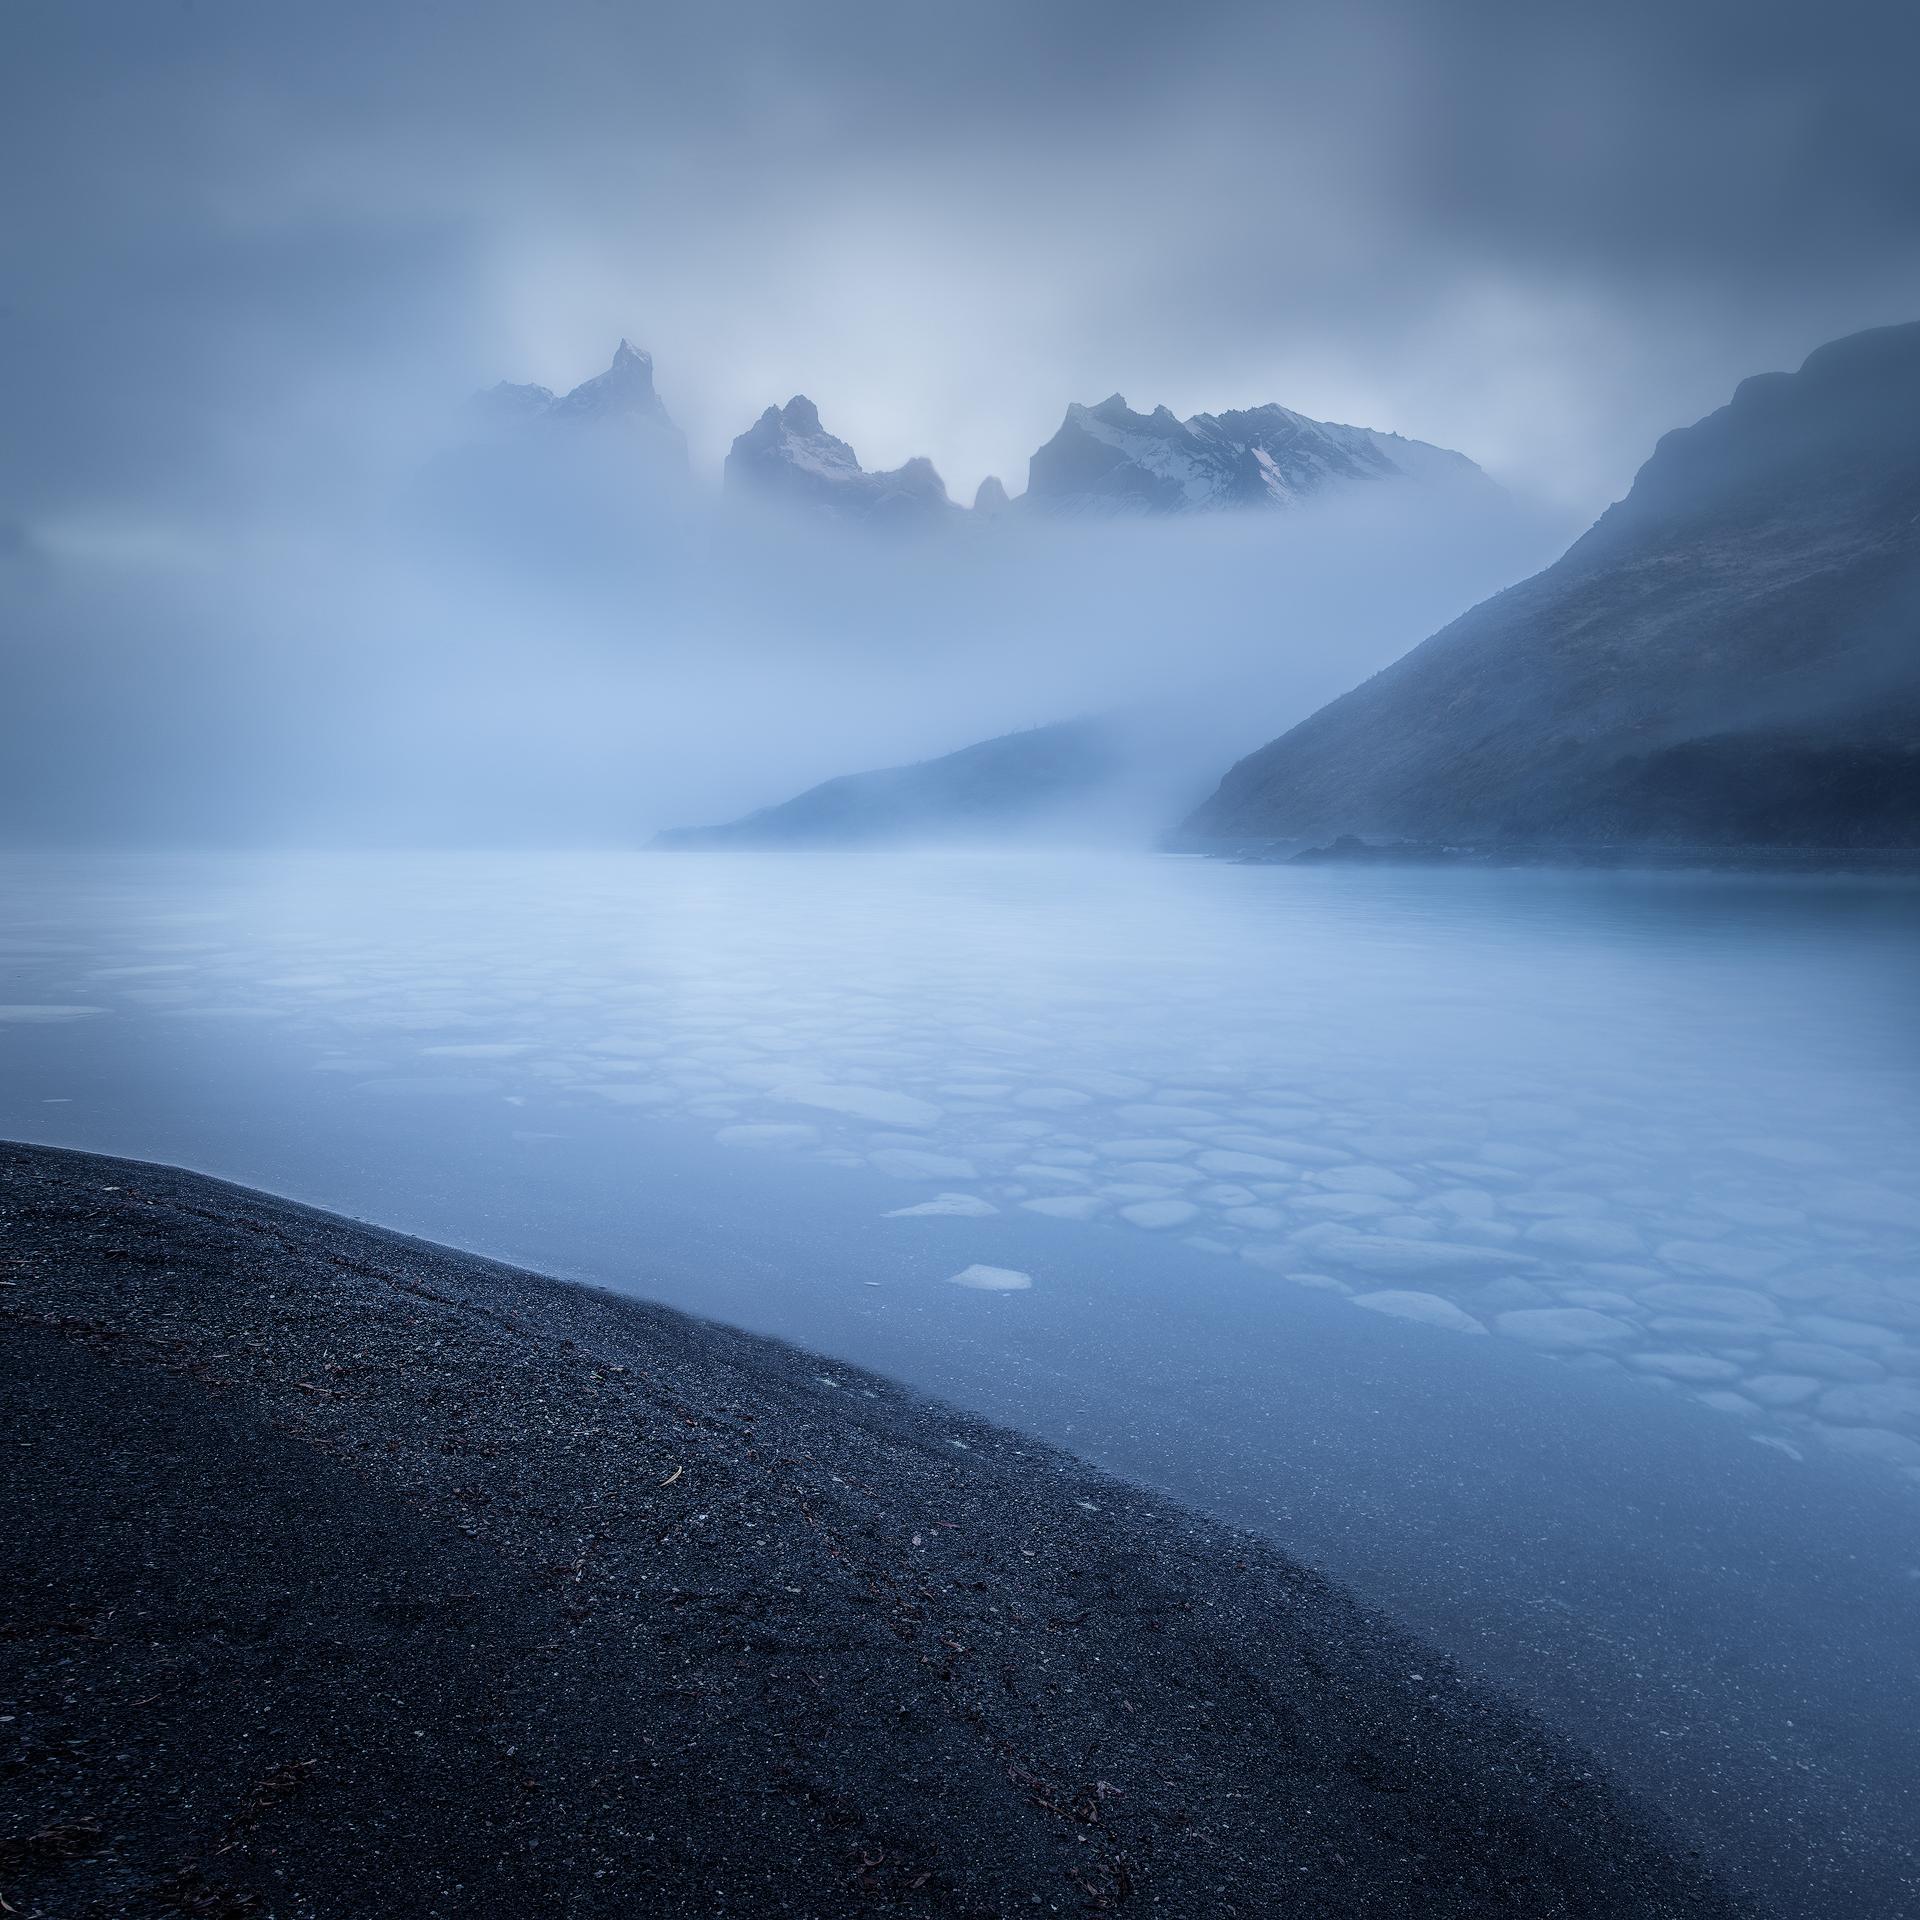 Cuernos - Lago Pehoe, Torres del Paine, Patagonia